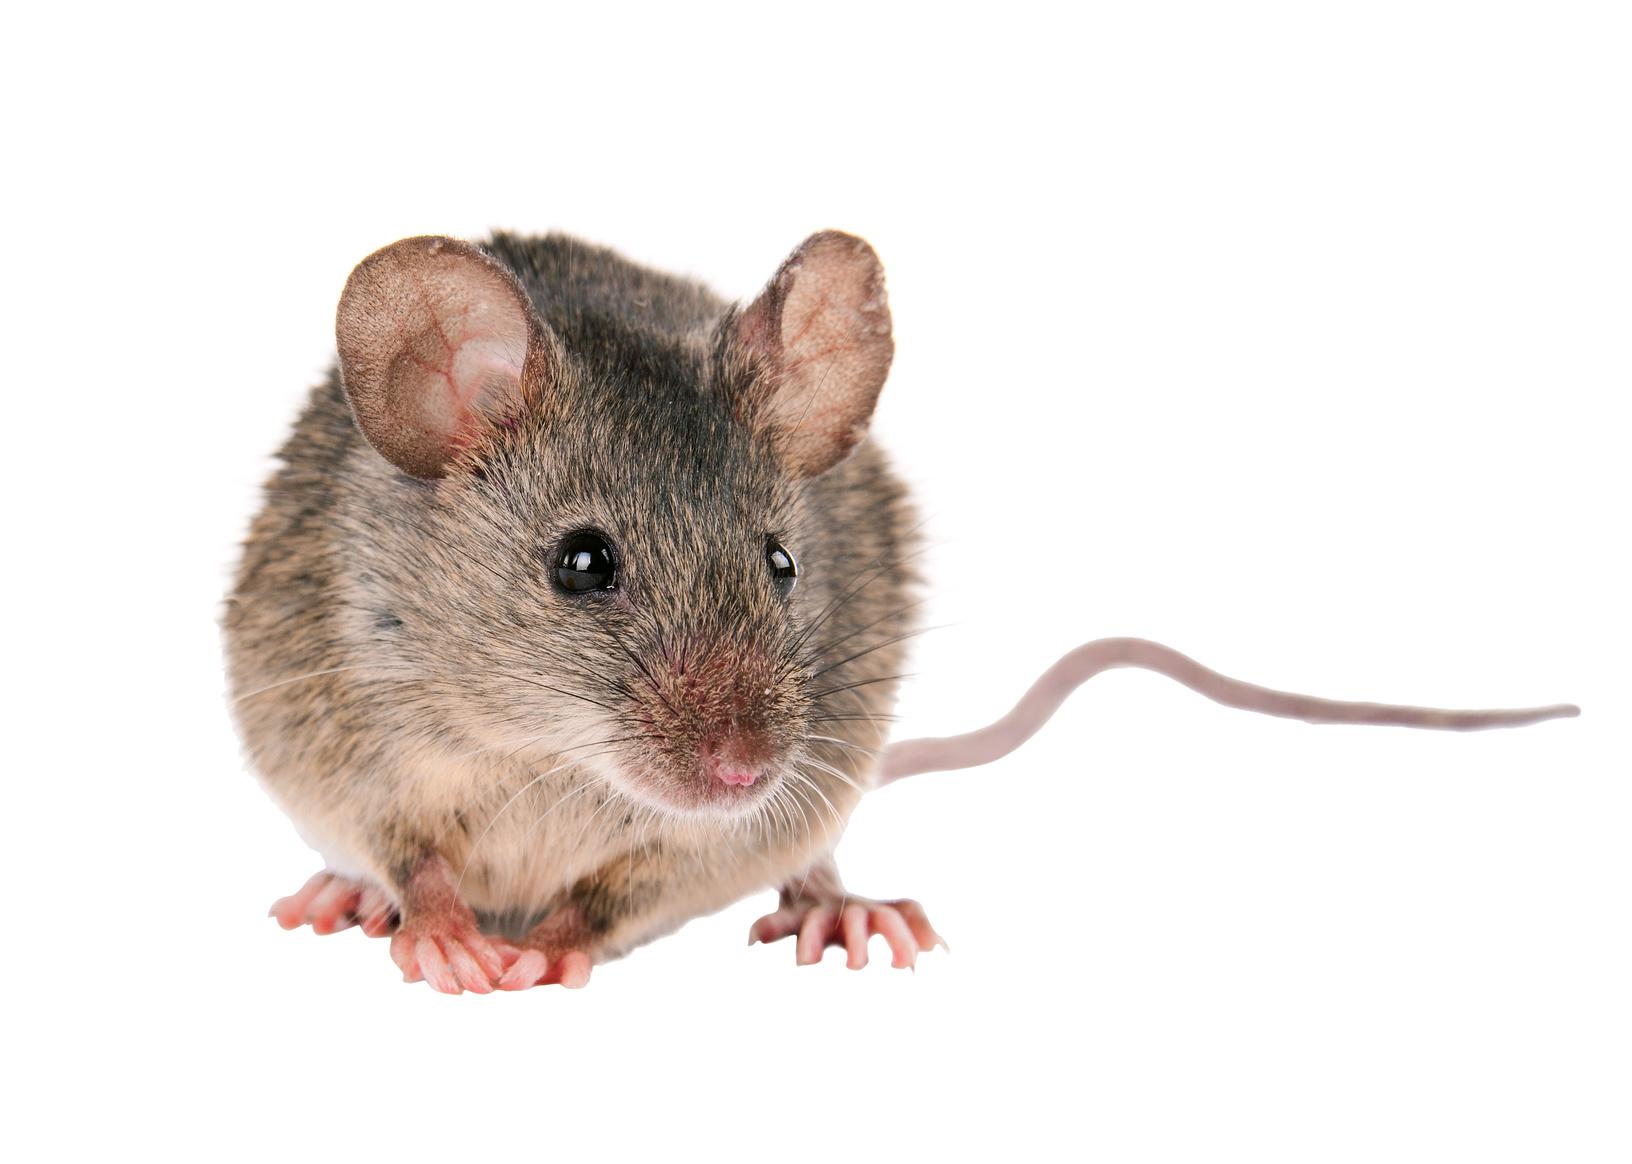 Kinder weinten Skandal-Kellner tritt Maus im Eiscafé zu Brei